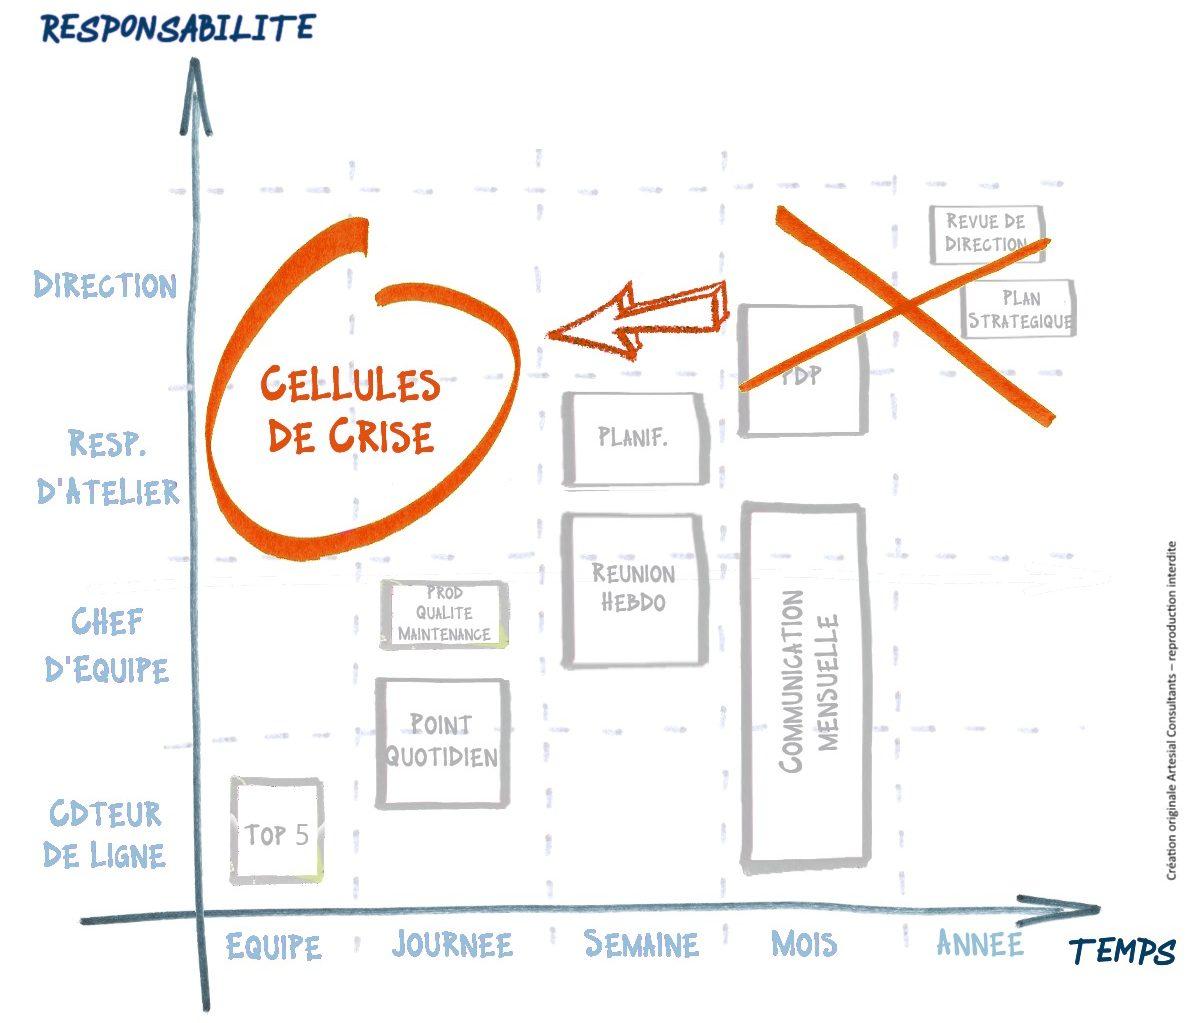 Cartographie des rituels - passage en cellule de crise